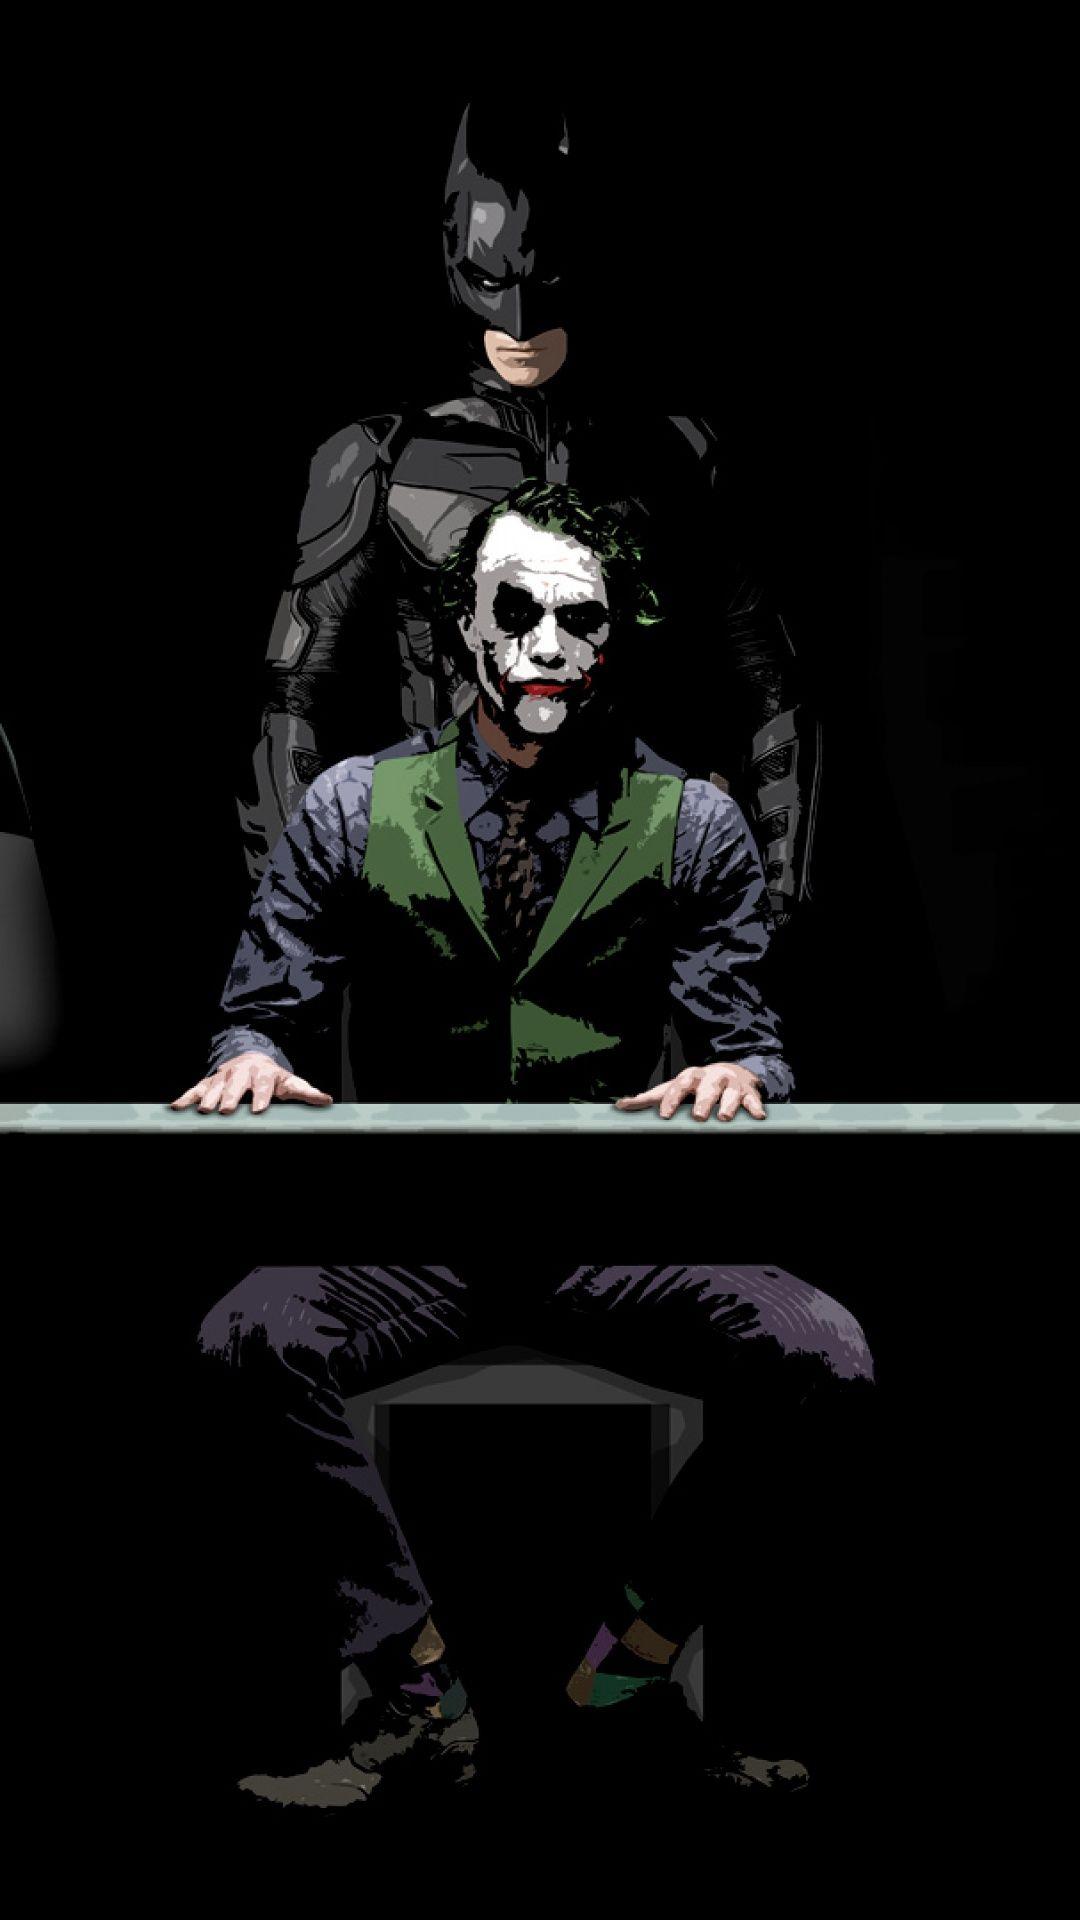 ジョーカー (バットマン)の画像 p1_14